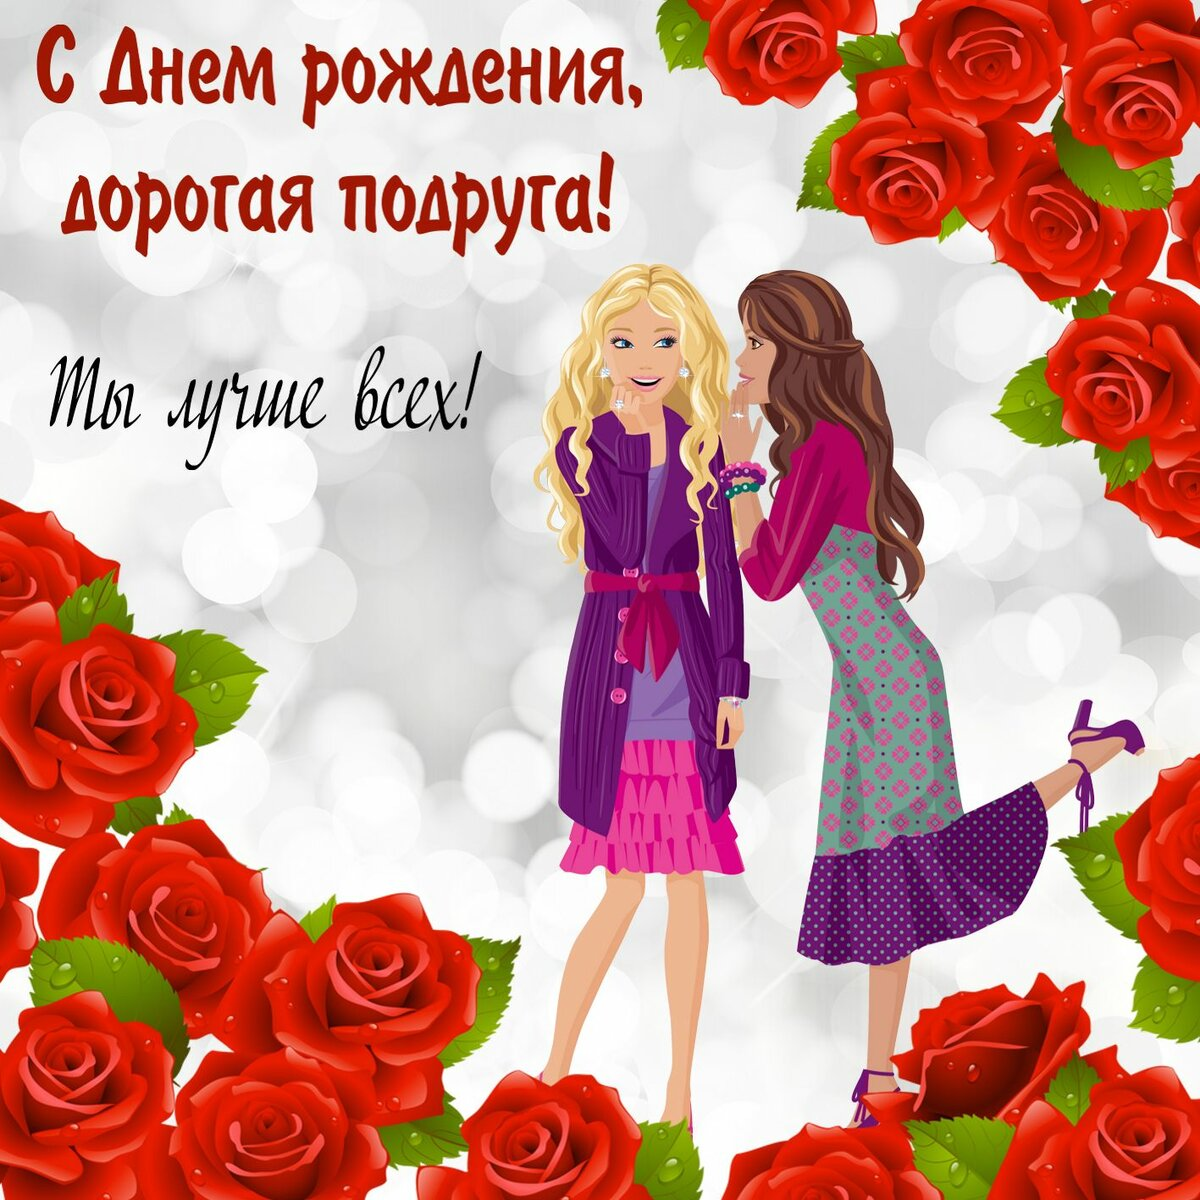 Поздравление с днем рождения для подруги лучшее поздравление